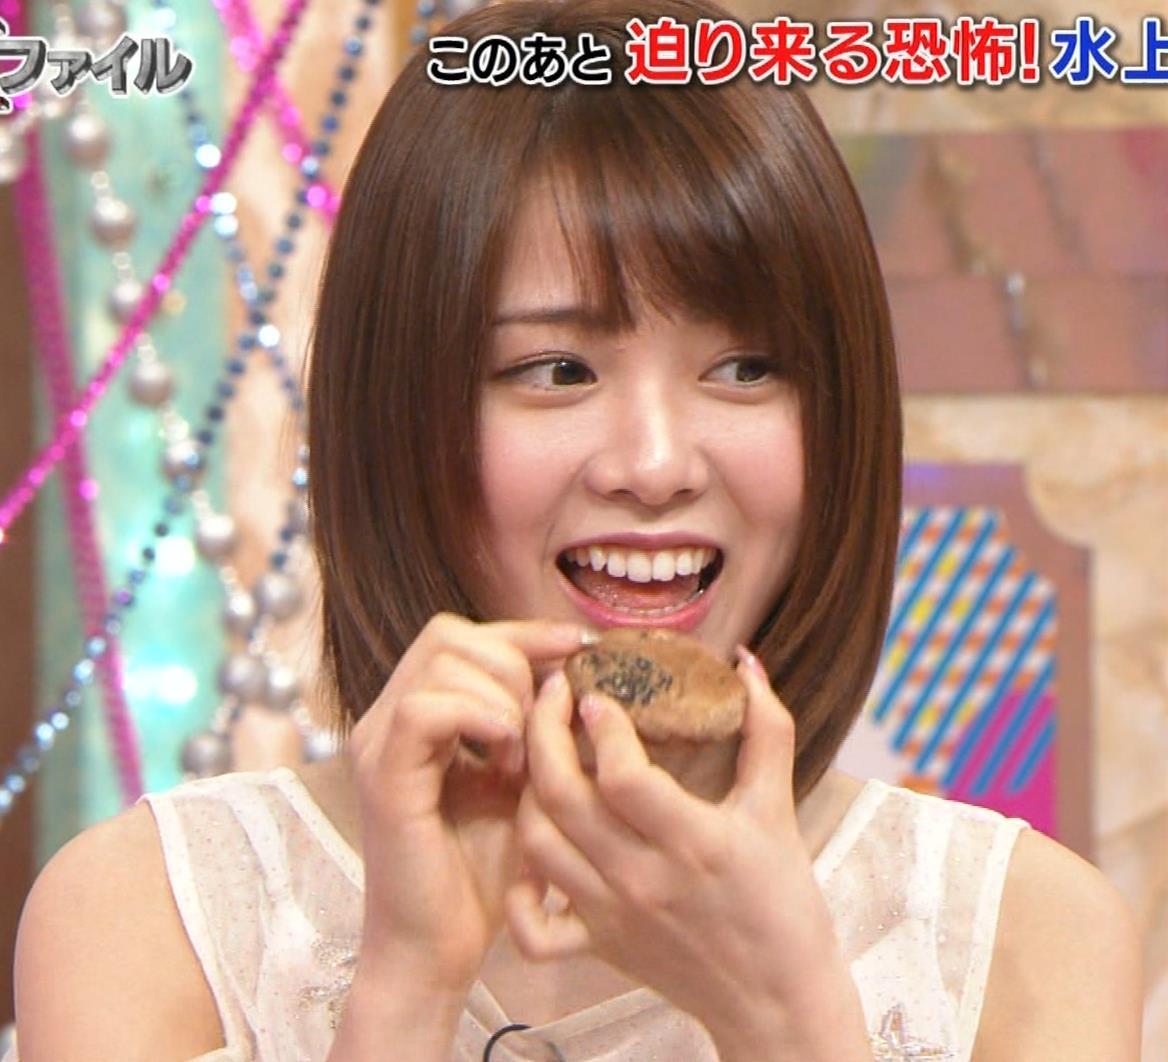 西村歩乃果 すごくかわいいアイドルの食べるところキャプ・エロ画像11